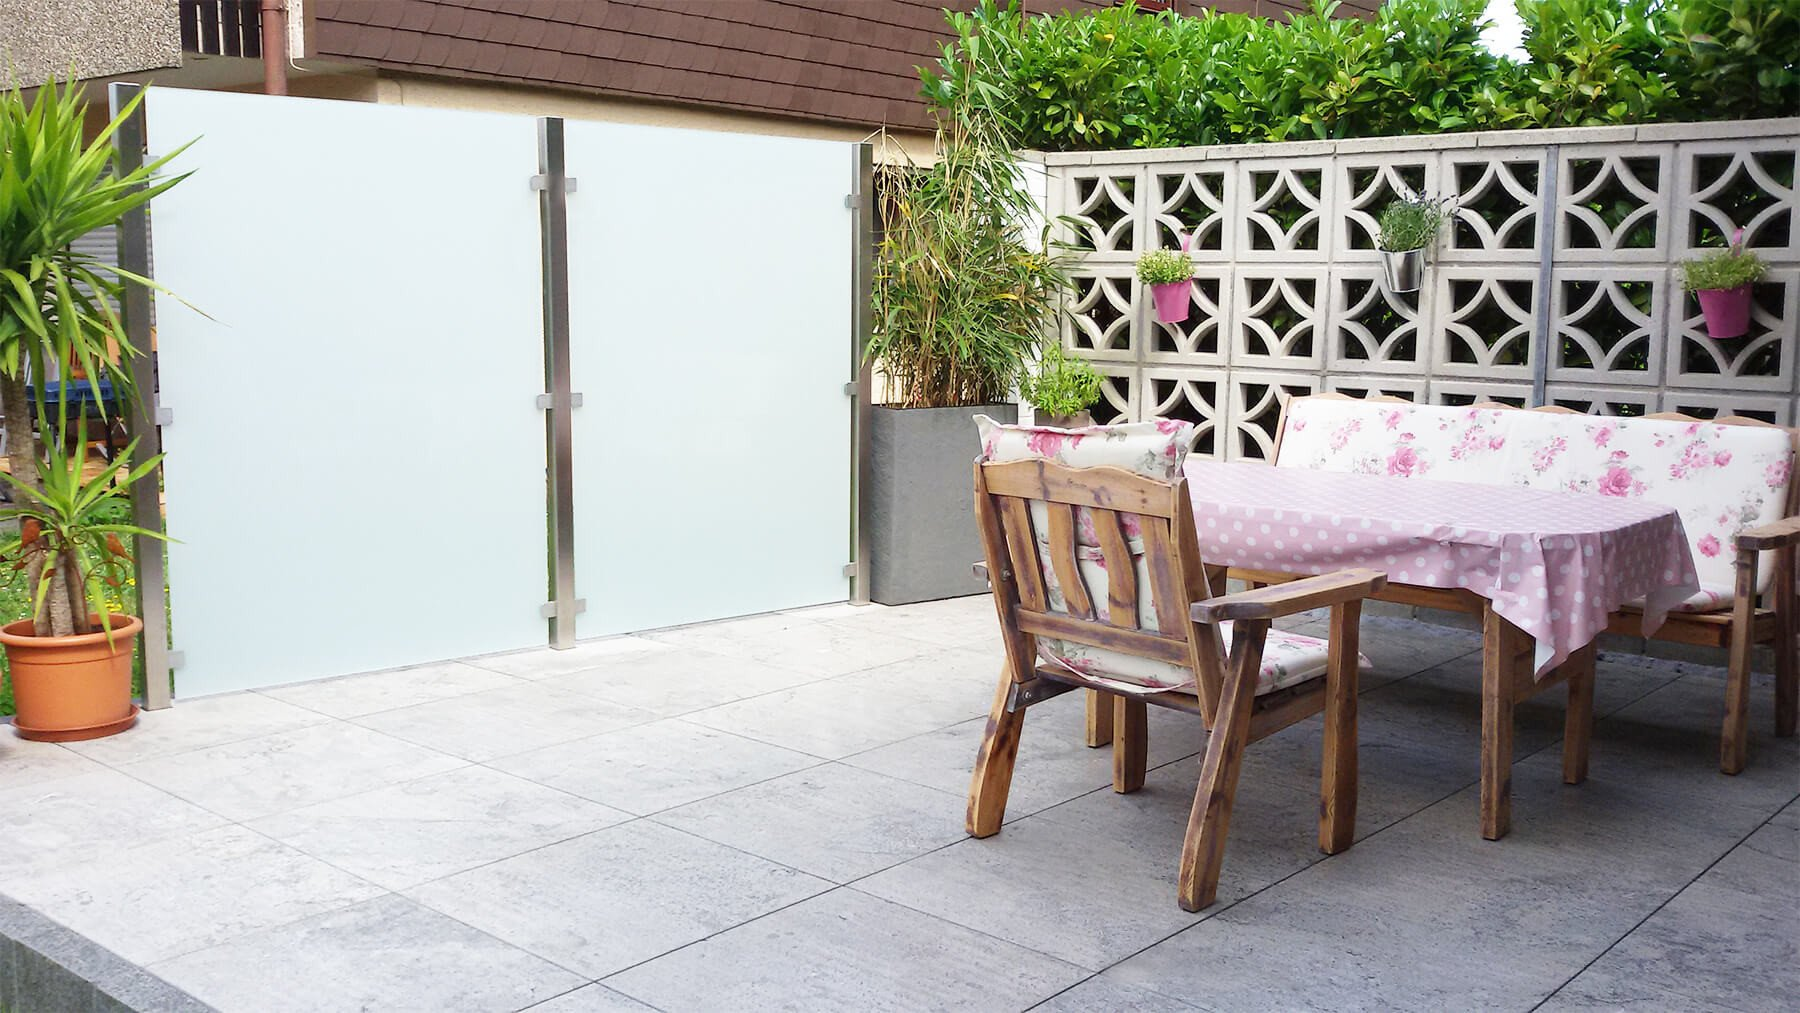 moderner-eleganter-blickdichter-glaszaun -fuer-garten-und-terrasse